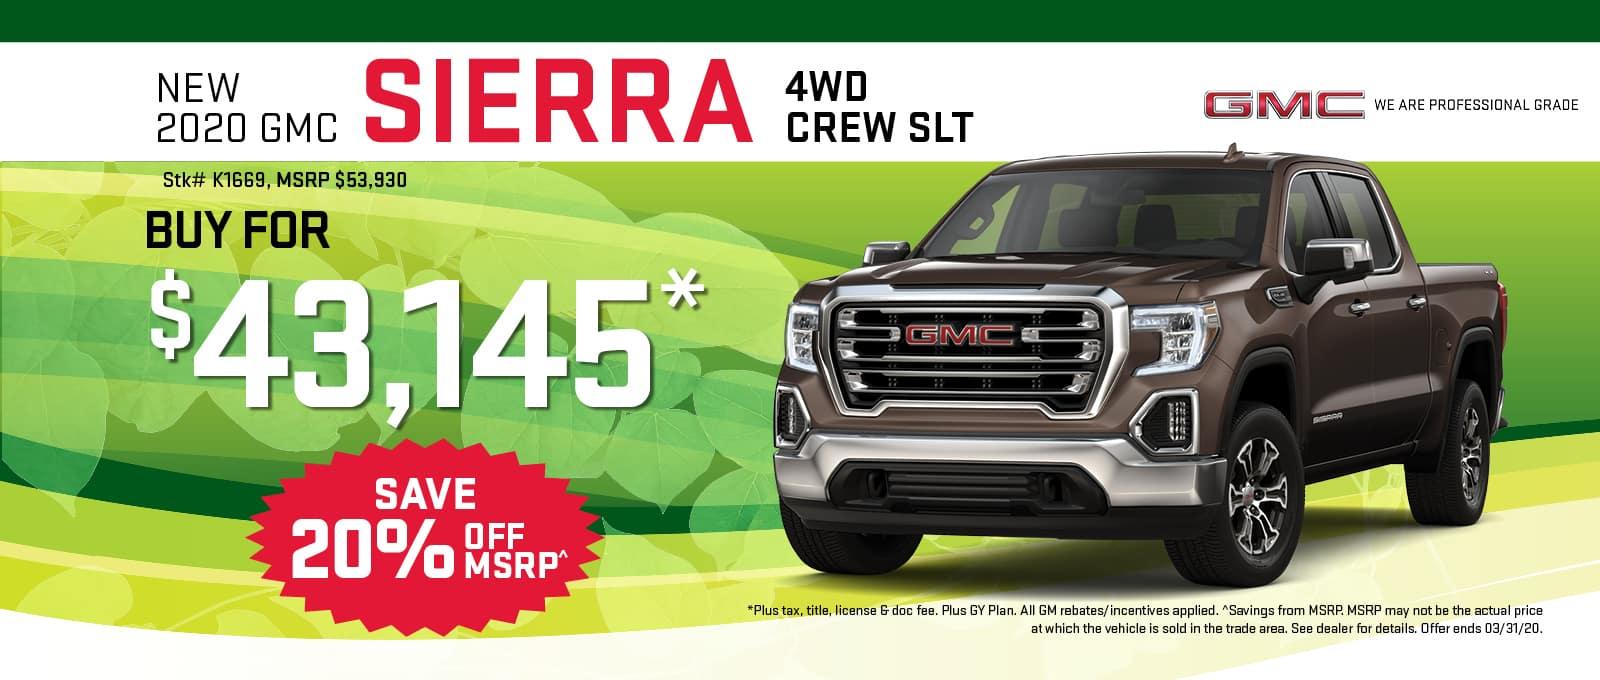 2020 GMC Sierra